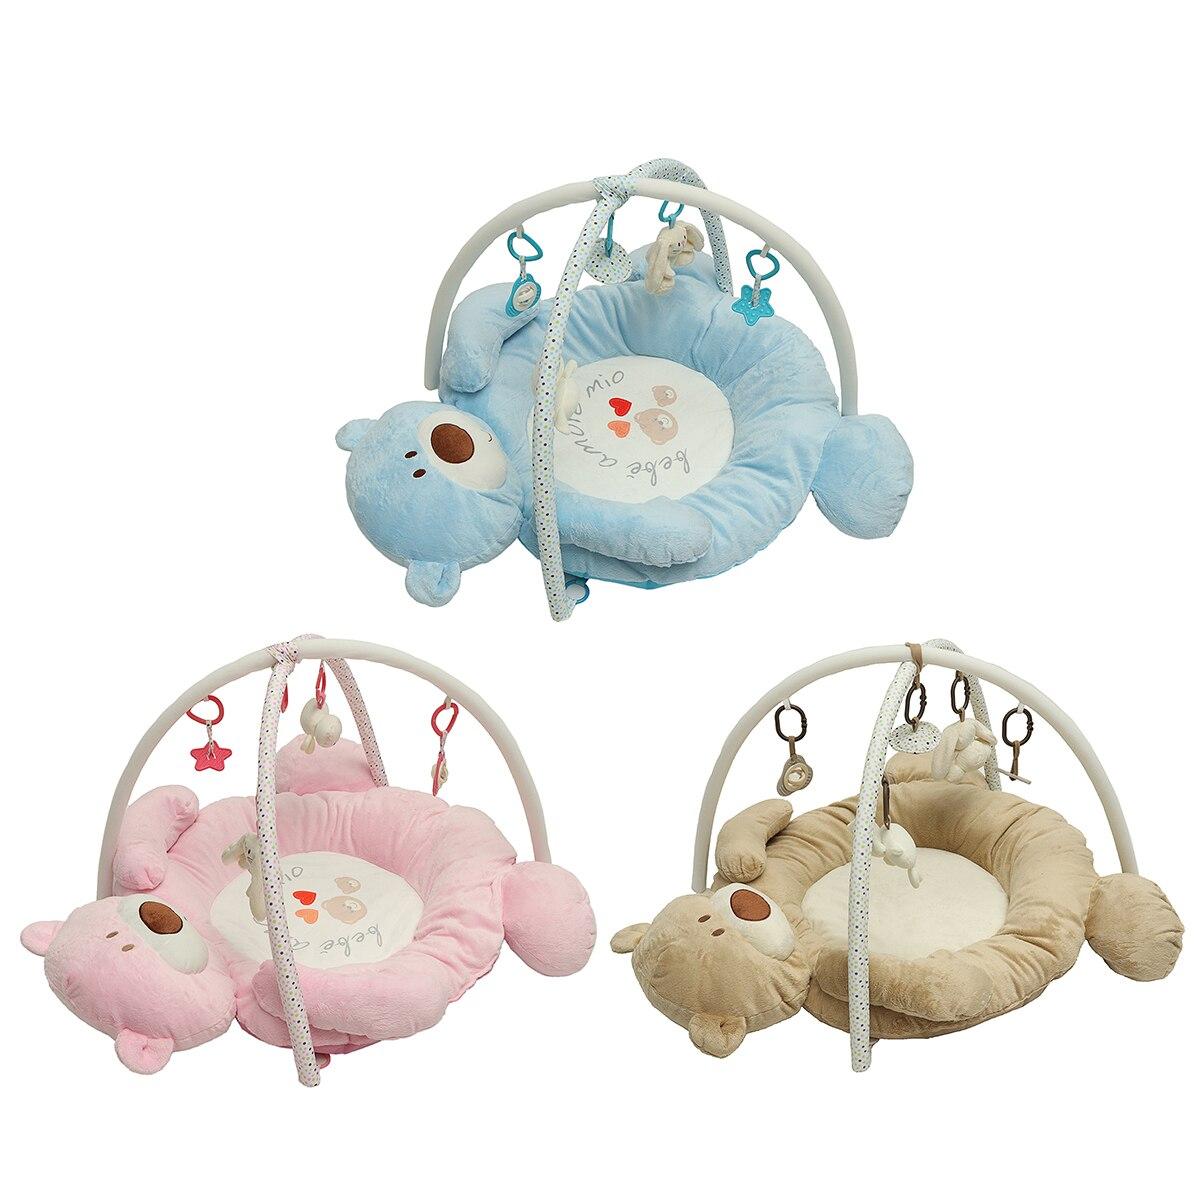 Tapis de jeu bébé tapis développer ramper la musique des enfants tapis sûr bande dessinée doux pour les enfants jouet éducatif 95x85x60 cm tapis